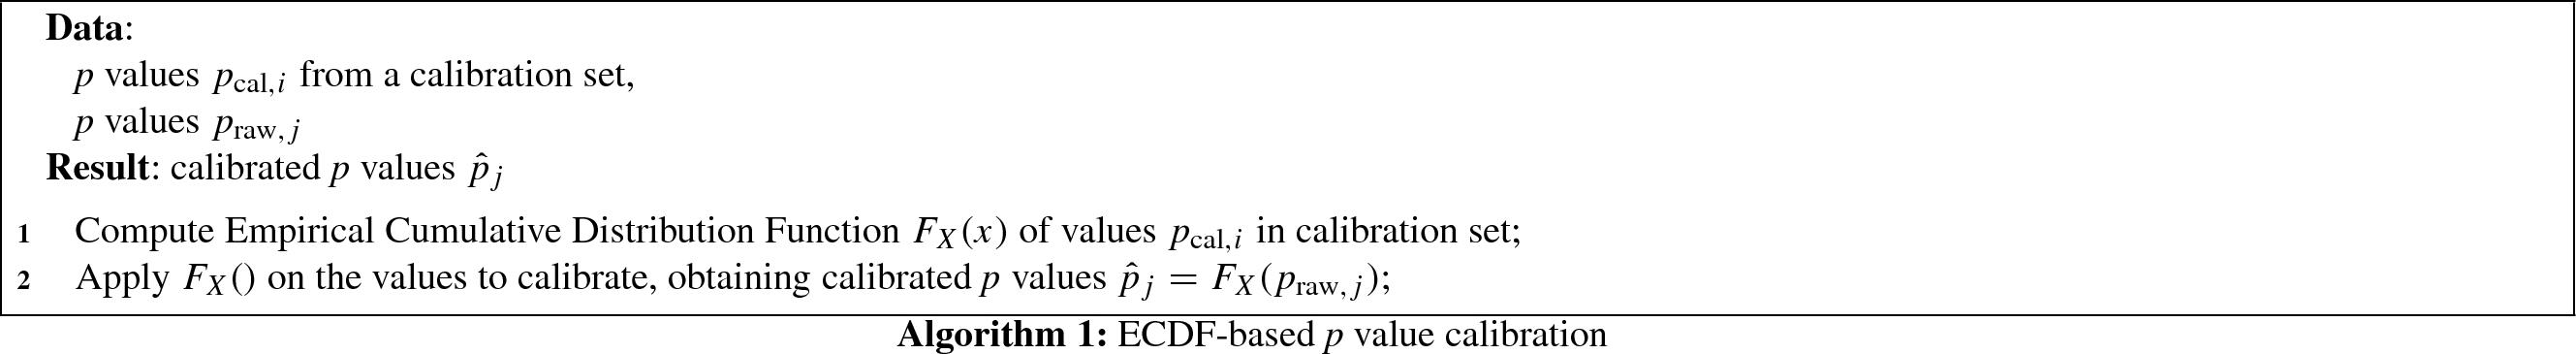 Combination of inductive mondrian conformal predictors